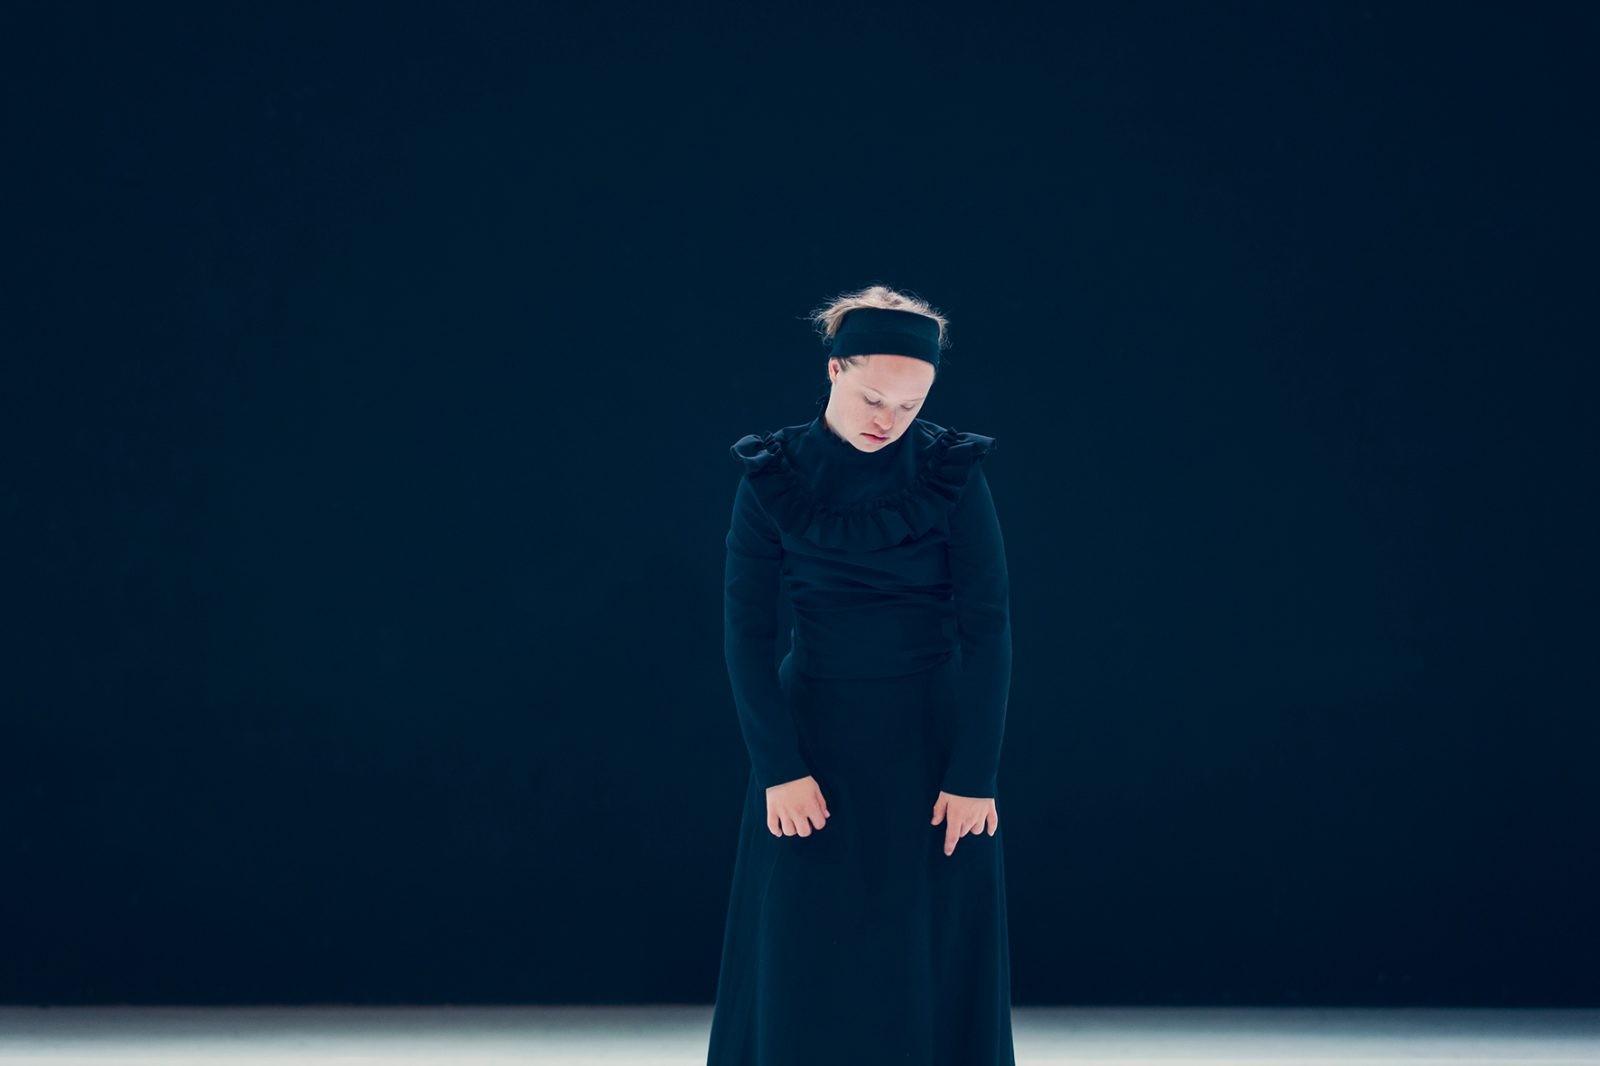 Neele im schwarzen Kleid